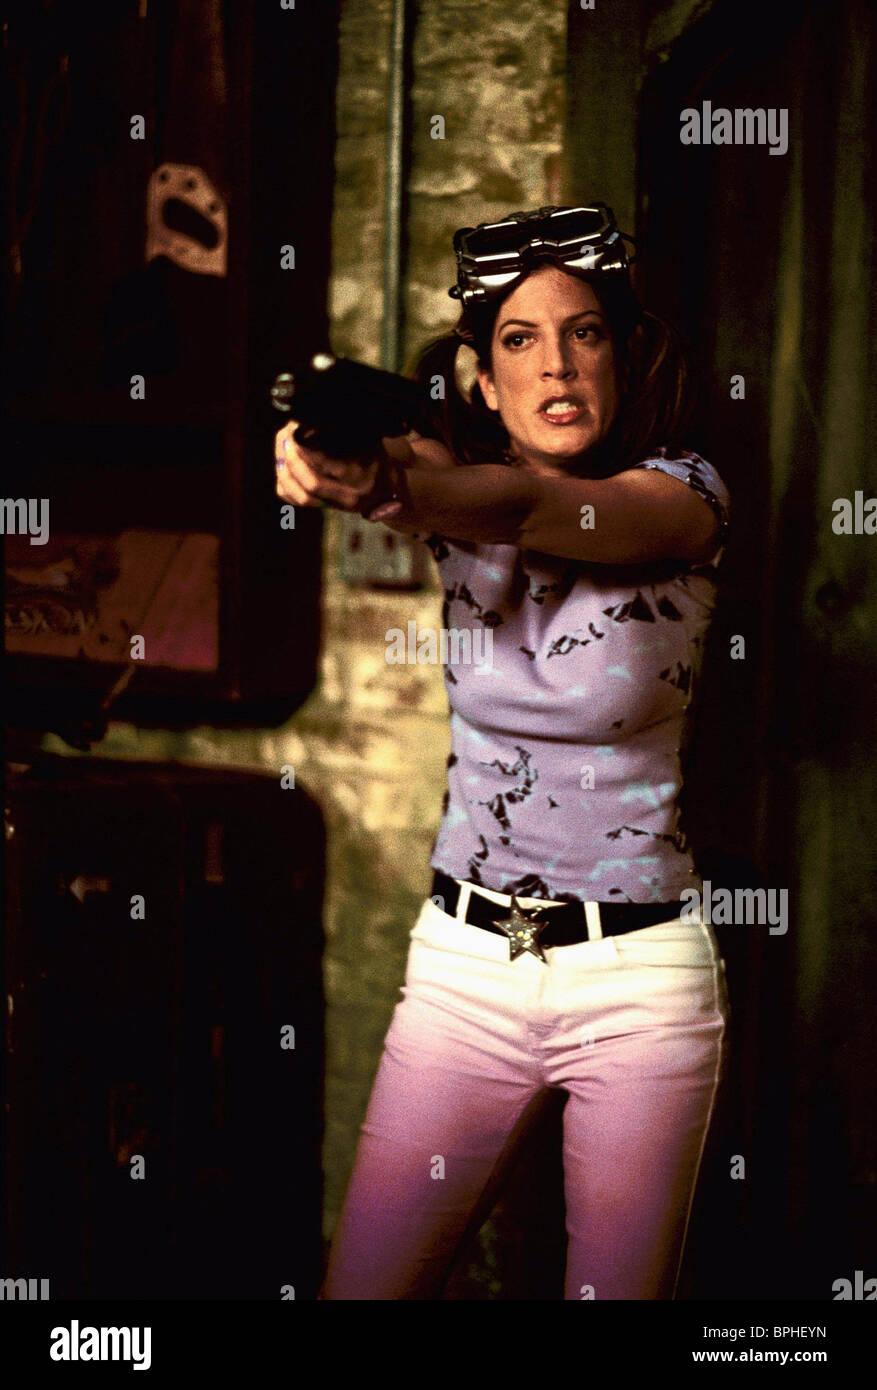 Scary Movie 2 2001 Tori Spelling Stockfotos & Scary Movie 2 2001 ...